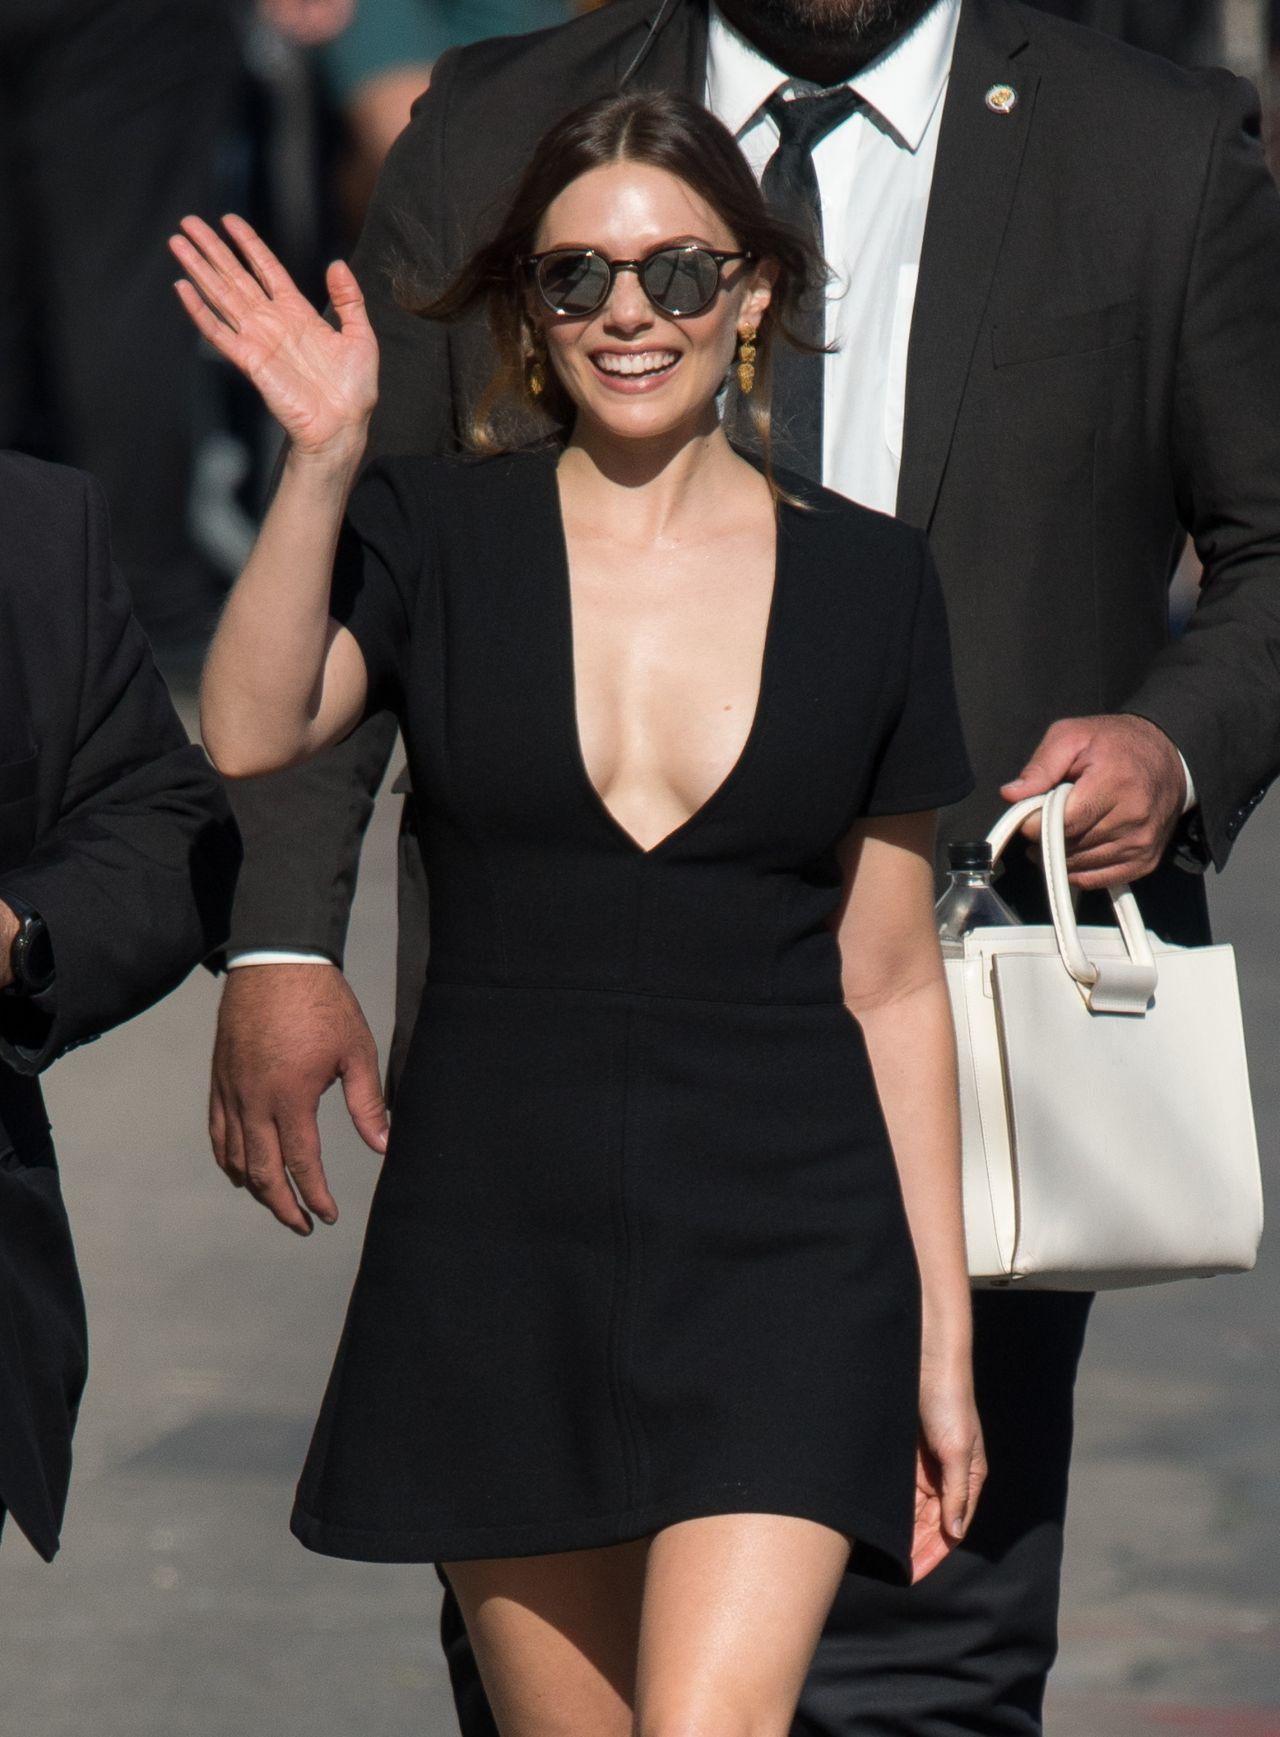 Elizabeth Olsen Arriving To Appear On Jimmy Kimmel Live